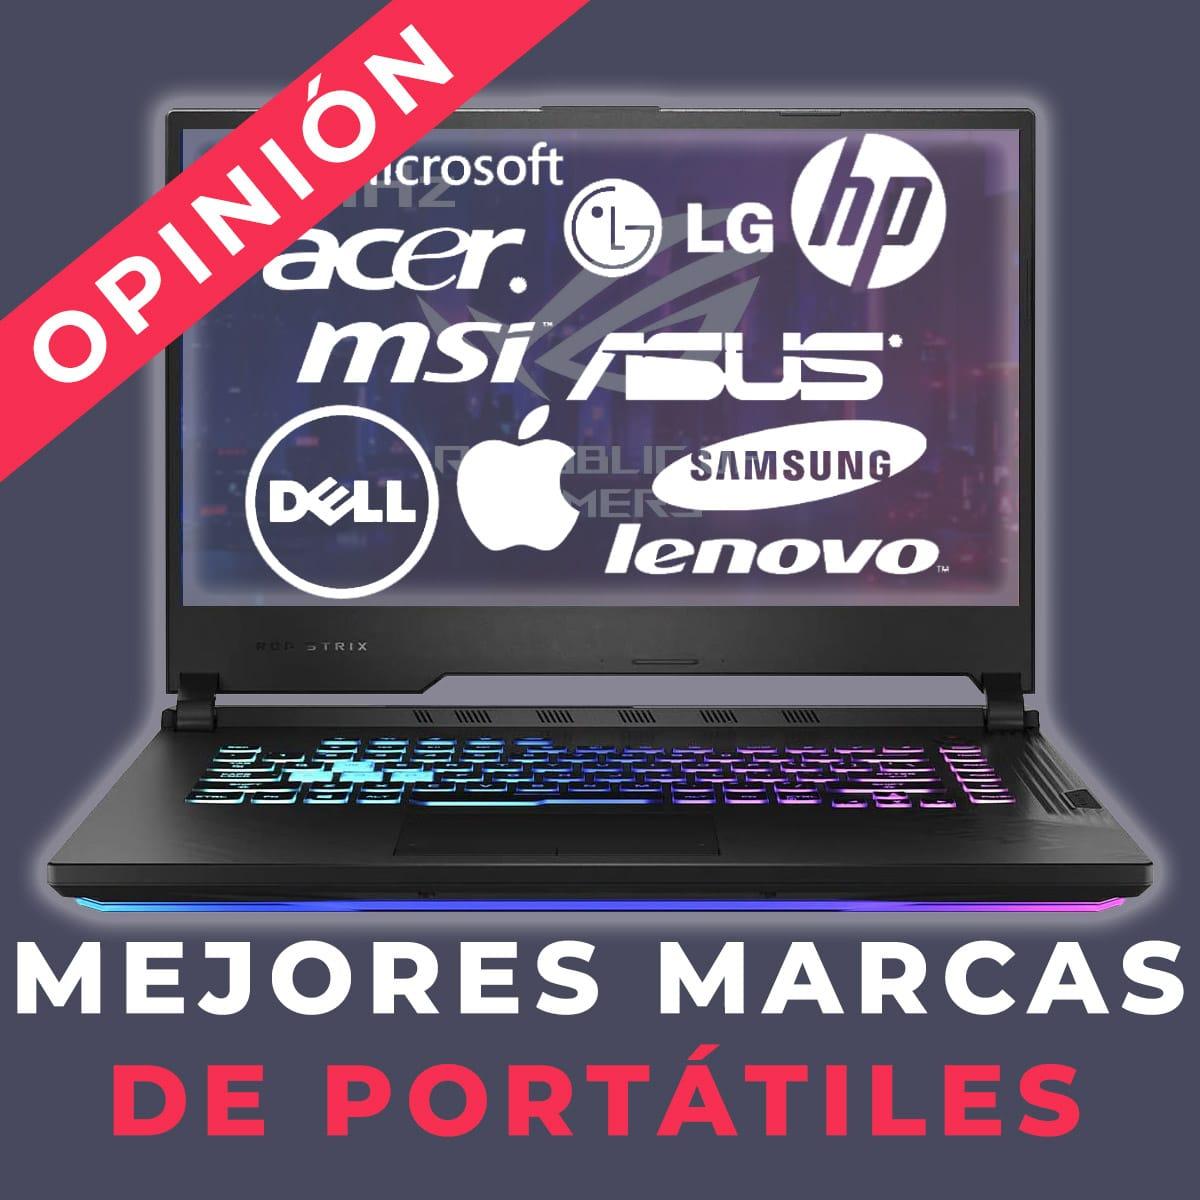 melhores marcas de computadores portáteis